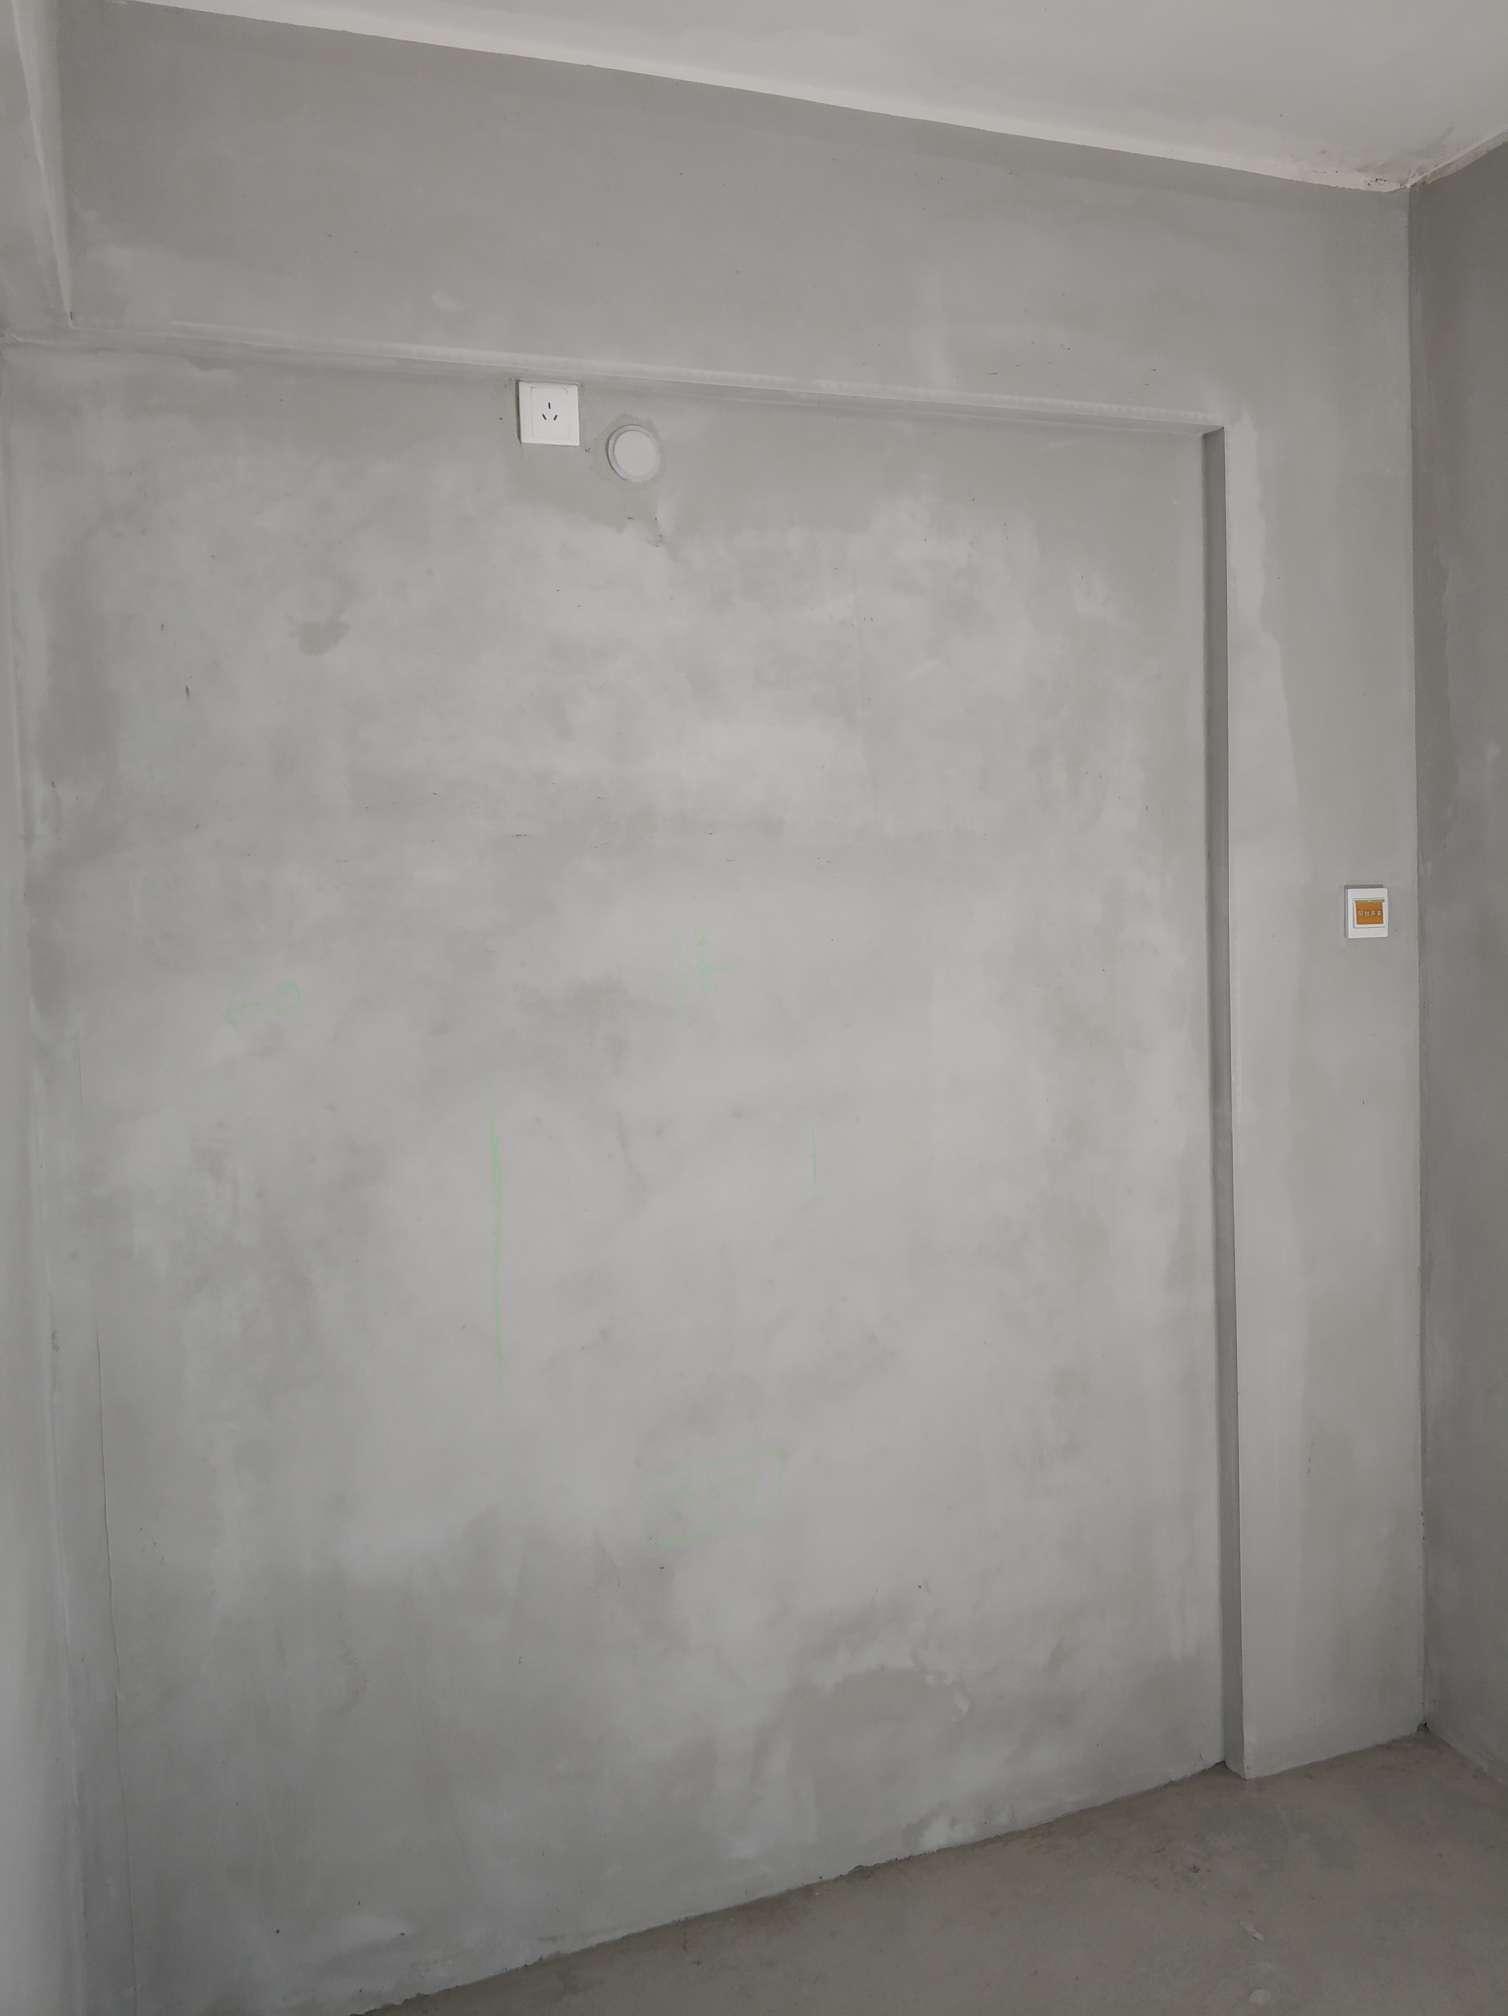 今日检查项目: 本次为【开工准备与施工交底】是第1次上门 现场人员: 客户:2人,工长:1人 施工进度与施工情况: 原房为毛坯房两房一厅一厨一卫一阳台,面积约80平米,原房勘察详情: 1、目测顶面平整较好,无明显开裂。 2、墙面2米靠尺检查平整度、垂直度合格。 3、门洞经激光仪检测垂直度合格。 4、门窗完好,开关顺畅。 发现问题及整改建议: 全屋墙面、顶面开发商都批荡白灰,建议全部铲掉,涂刷墙固。 后续施工建议: 1、根据现场装修方案,建议尽快确定好橱柜设计方案,确定水电图纸。 2、客厅电视背景墙插座需确